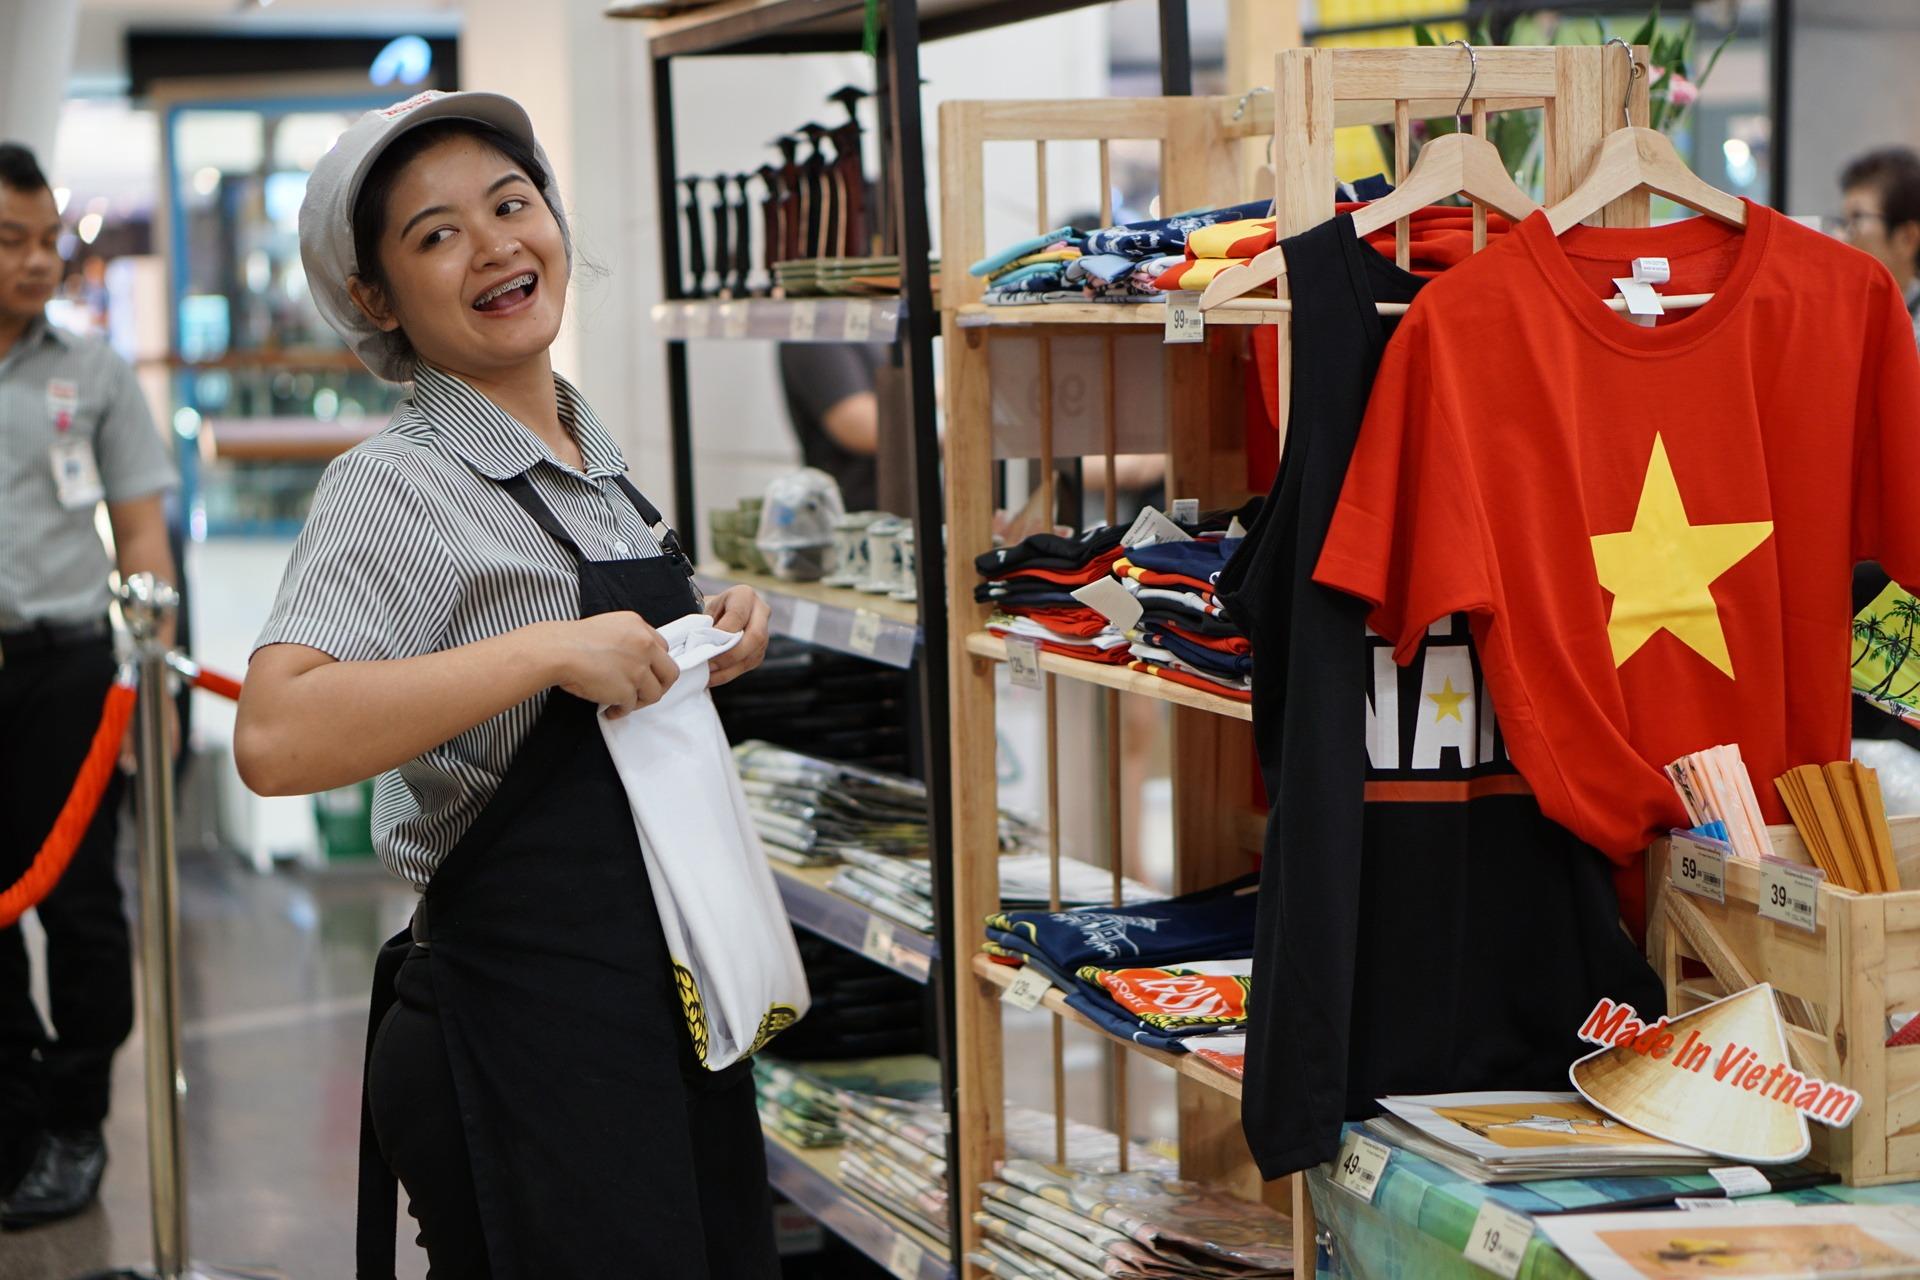 Hàng Việt Nam trưng bày tại Tuần hàng Việt Nam tại Thái Lan vào tháng 8/2017. Ảnh: Viễn Thông.